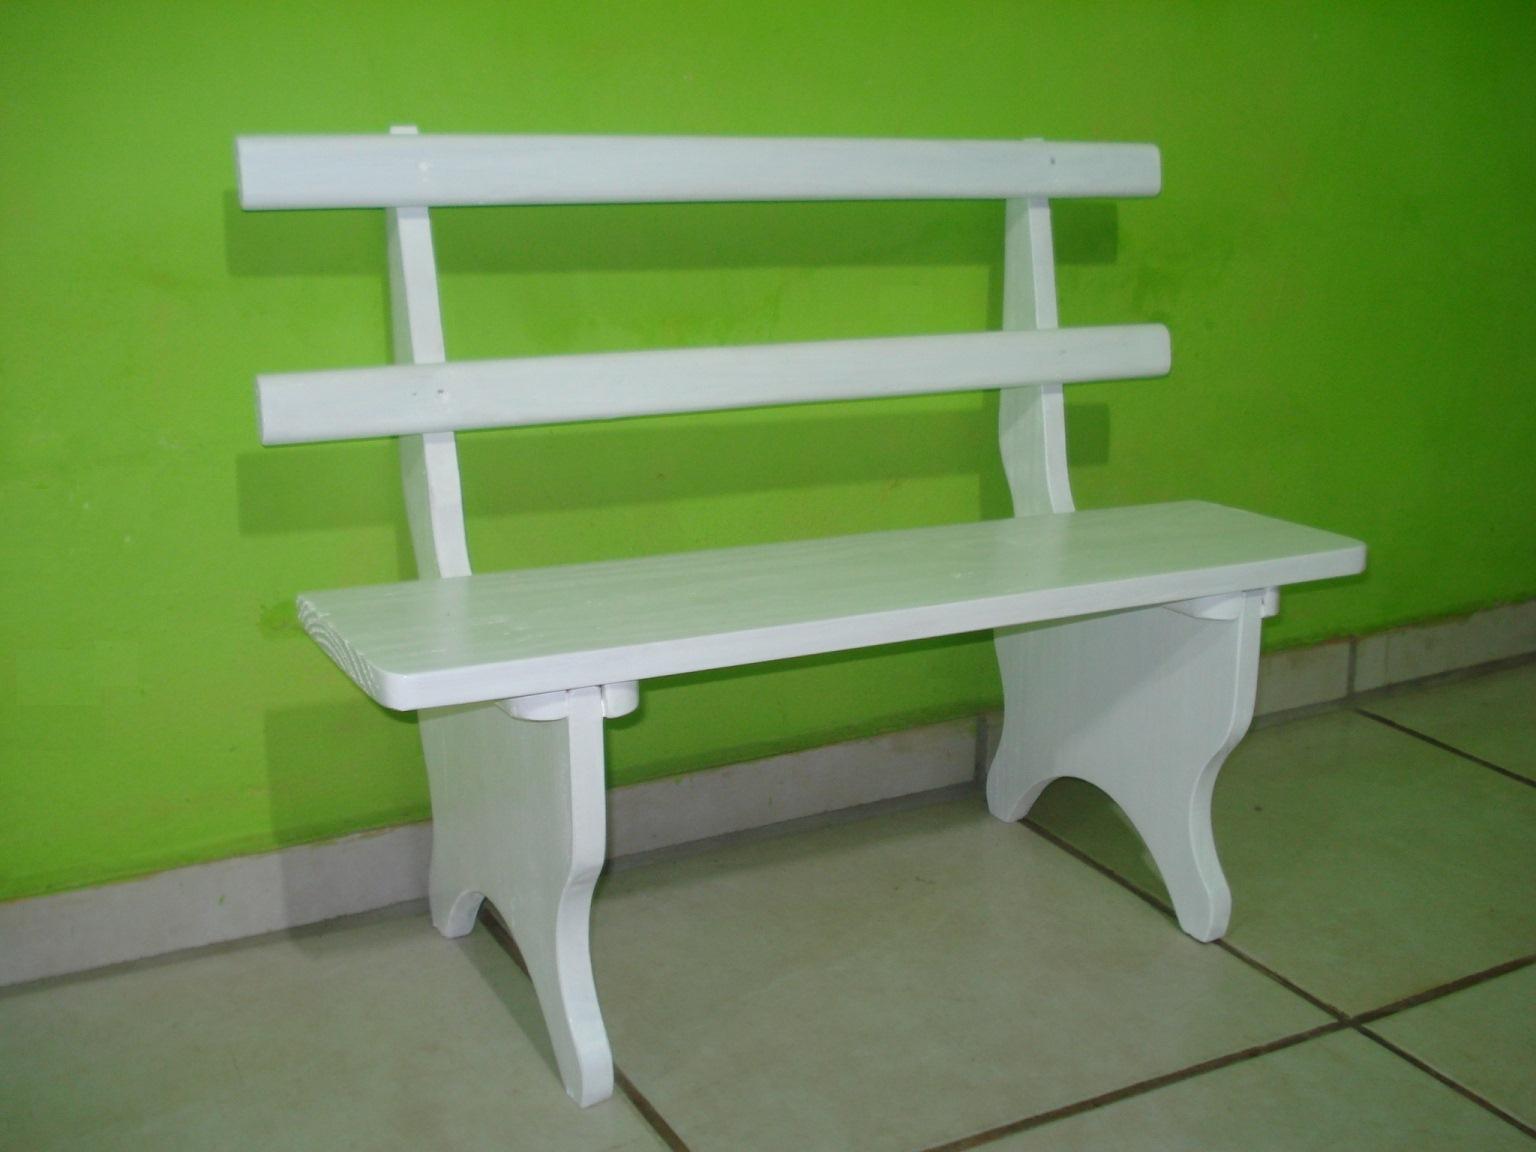 banco de jardim infantil : banco de jardim infantil:B6: Banquinho de praça infantil de madeira, comprimento: 70cm altura